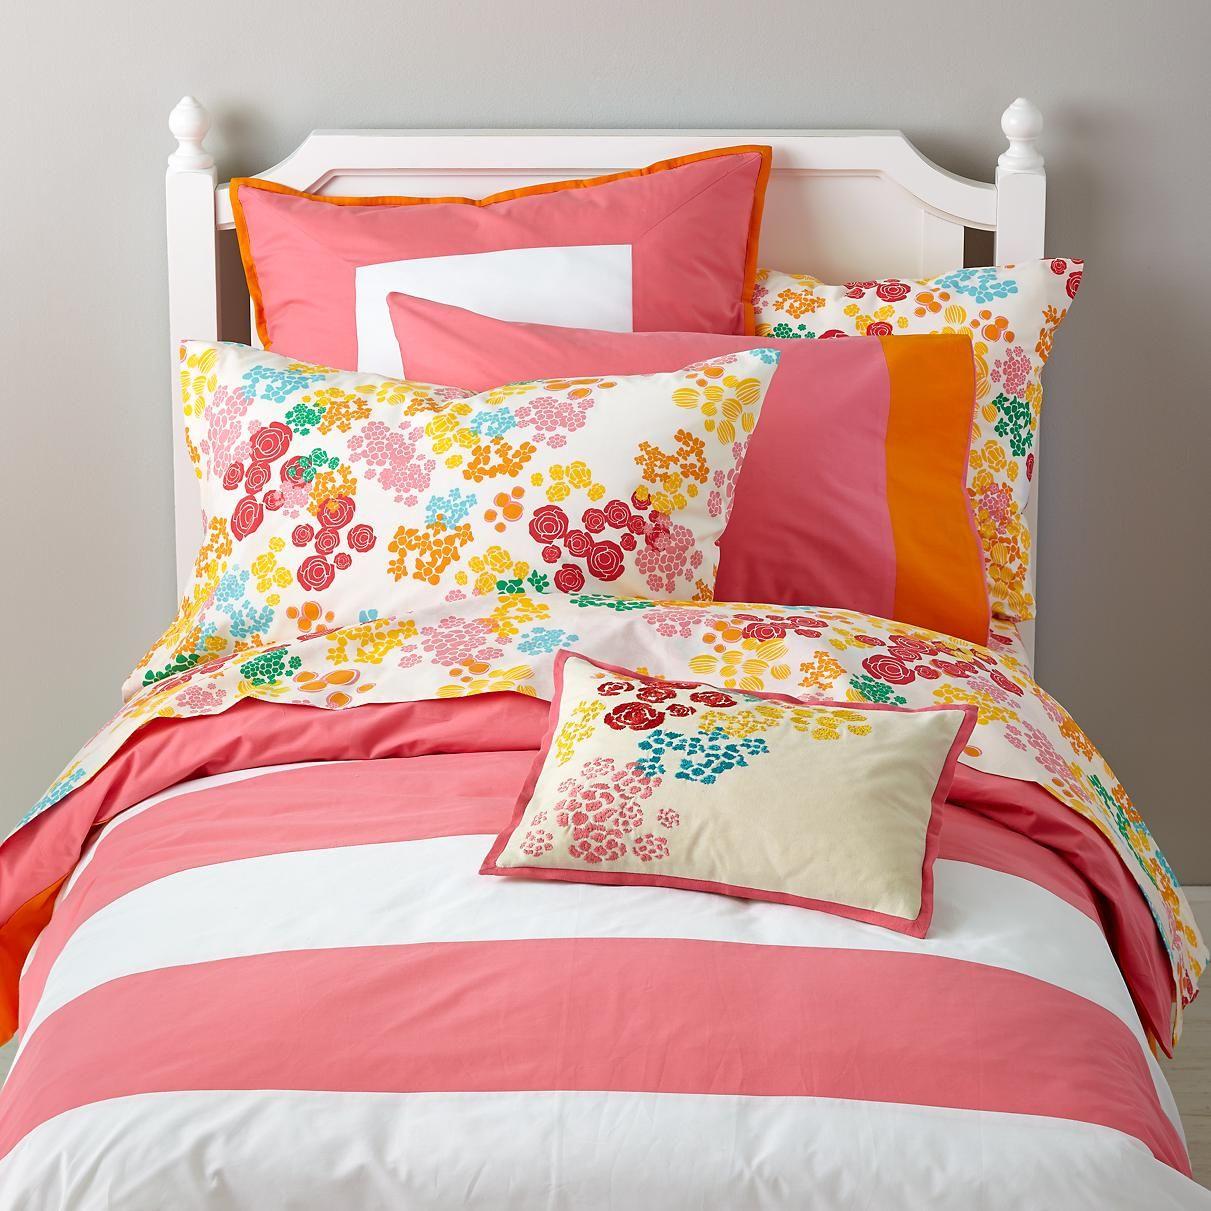 Floral Gem Bedding in Girl Bedding The Land of Nod